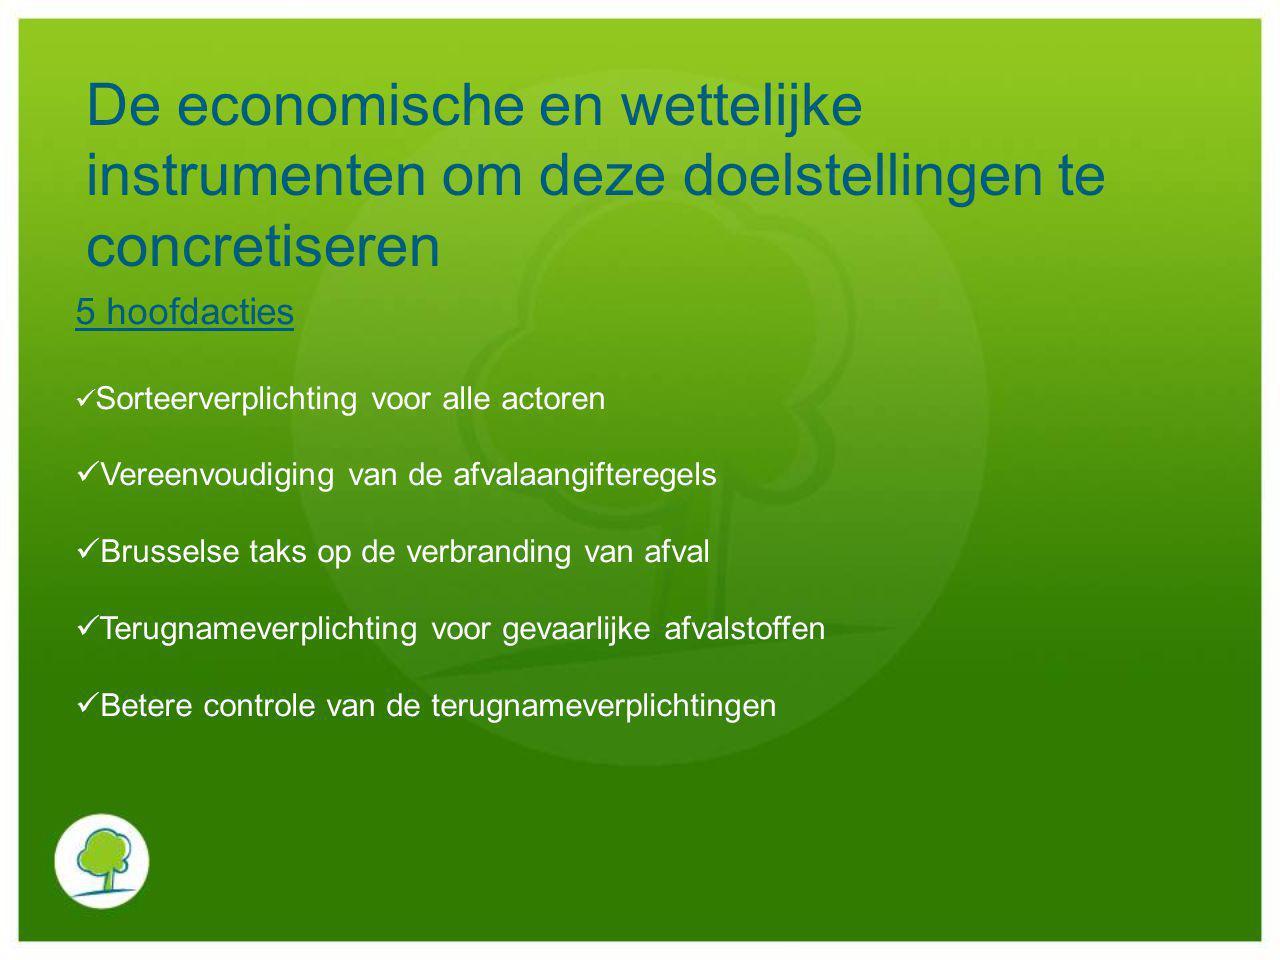 De economische en wettelijke instrumenten om deze doelstellingen te concretiseren